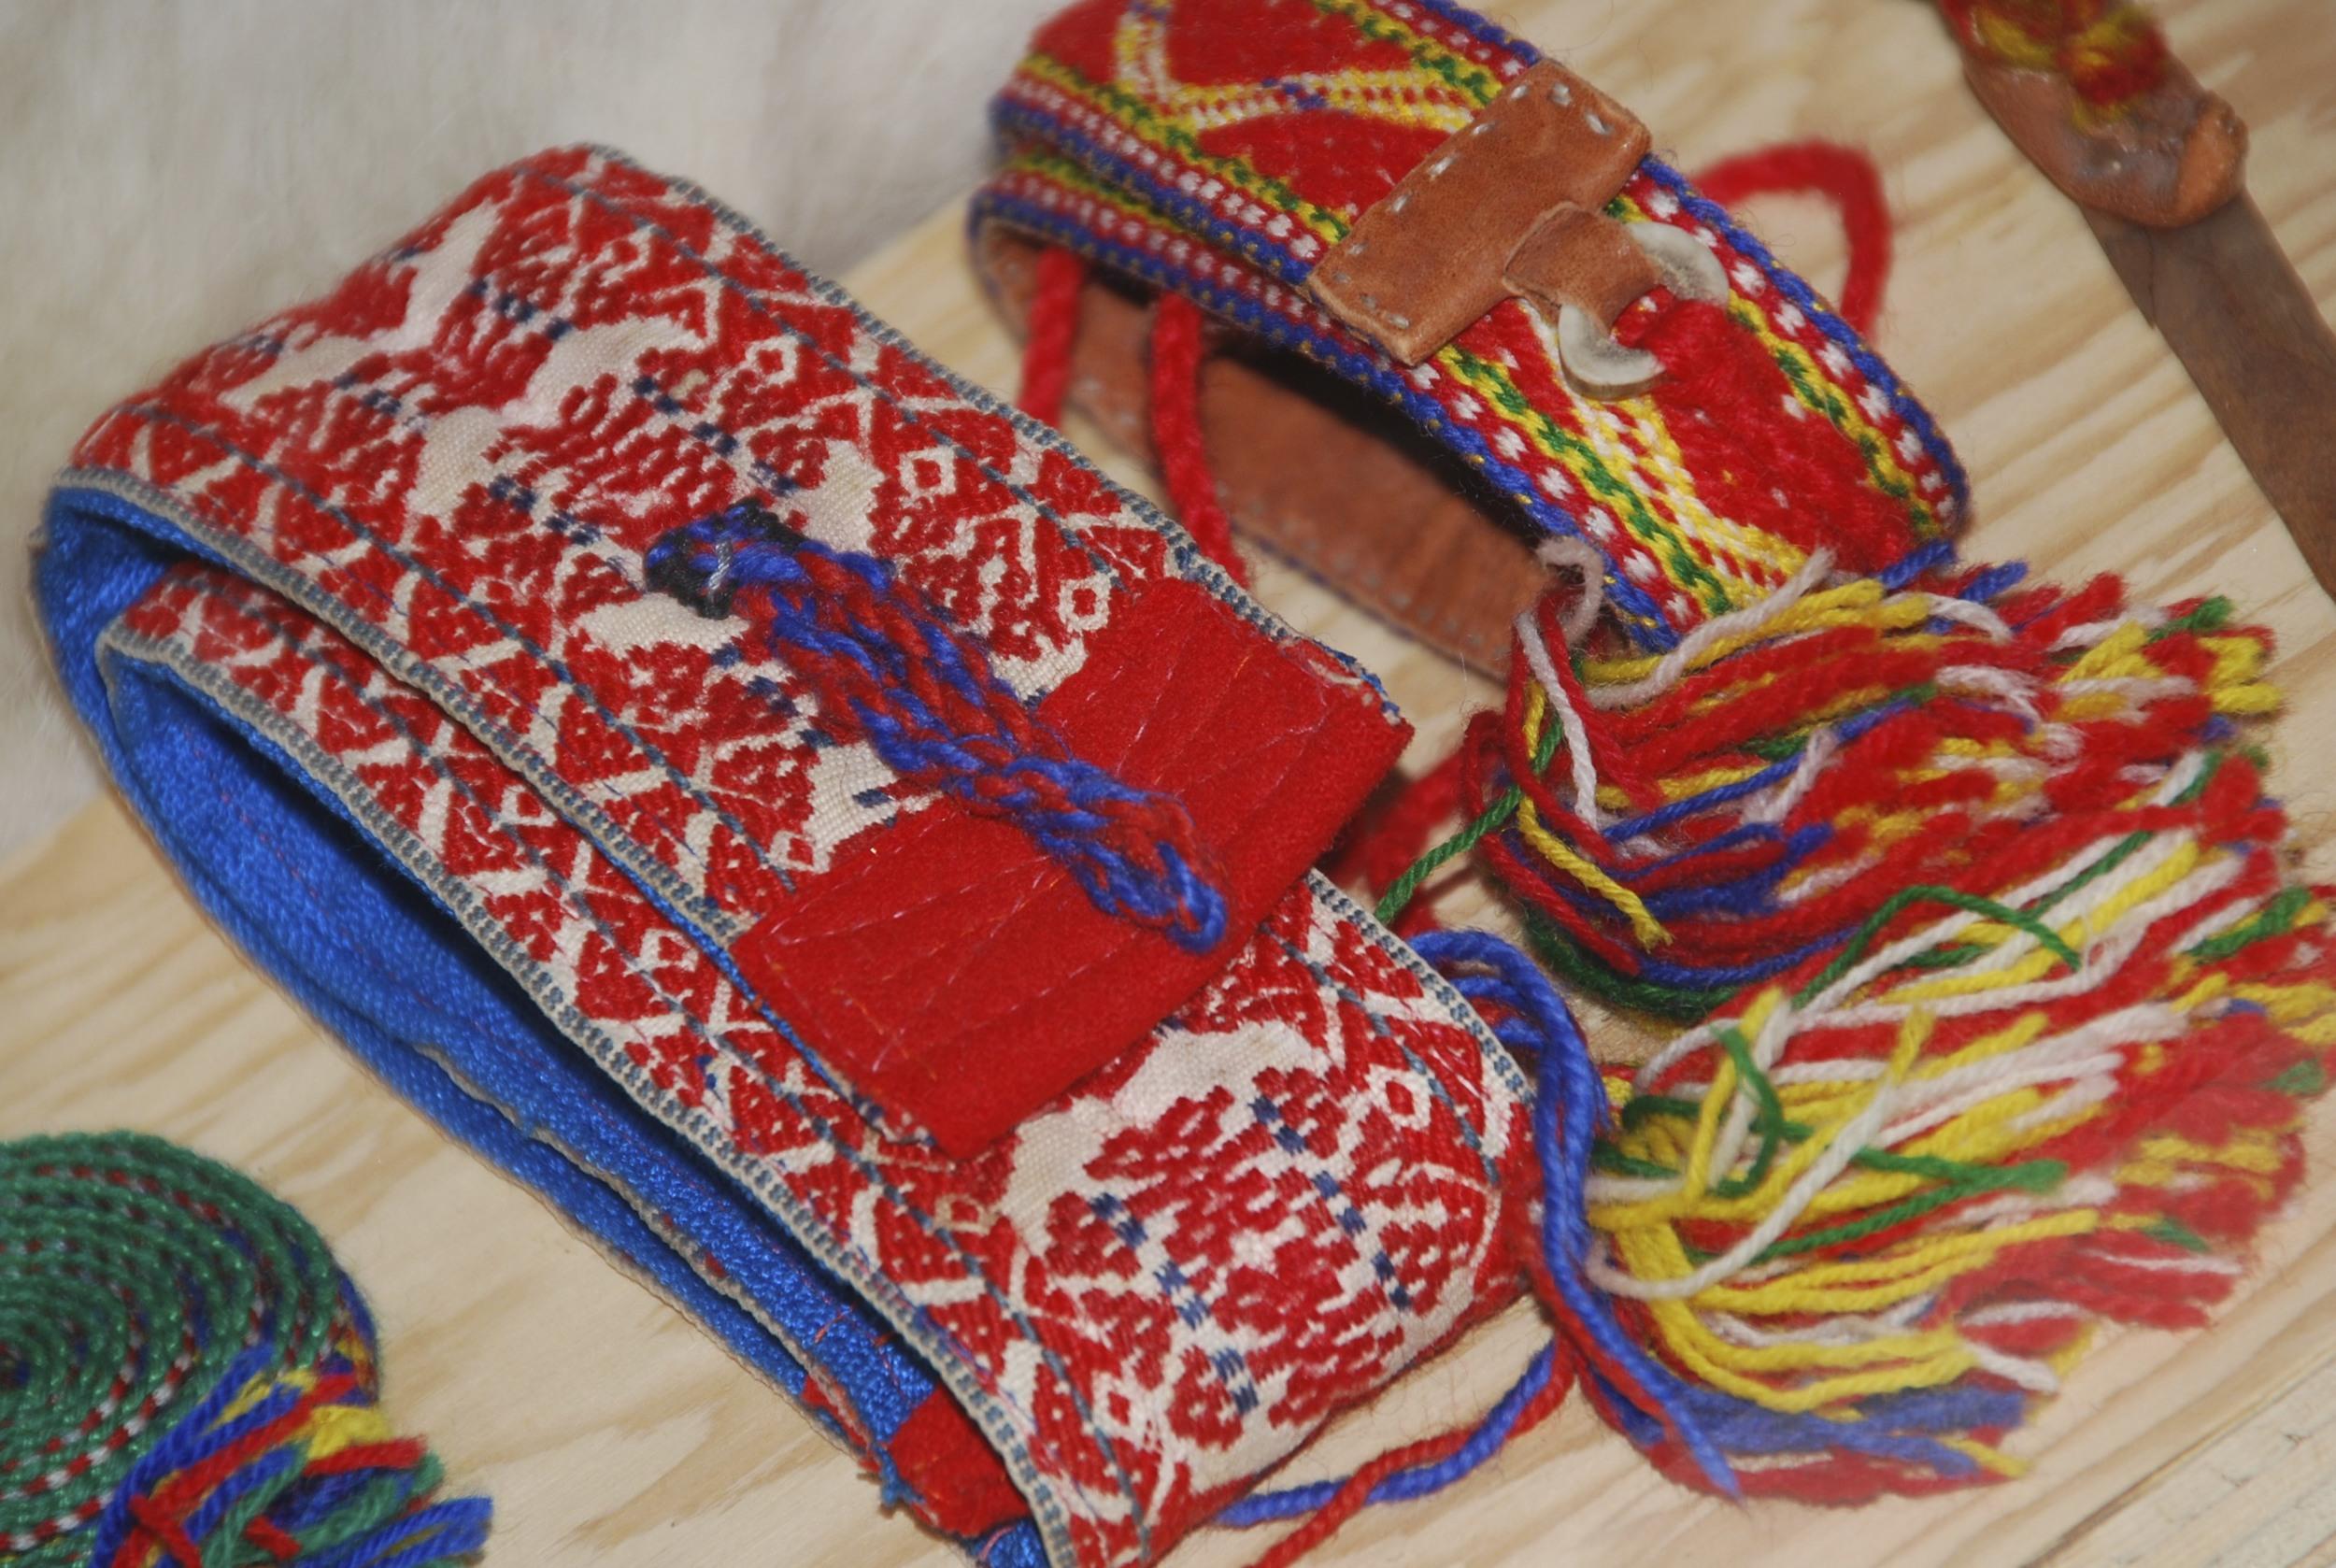 part of the Sámi Alaska exhibit: woven Sámi bands